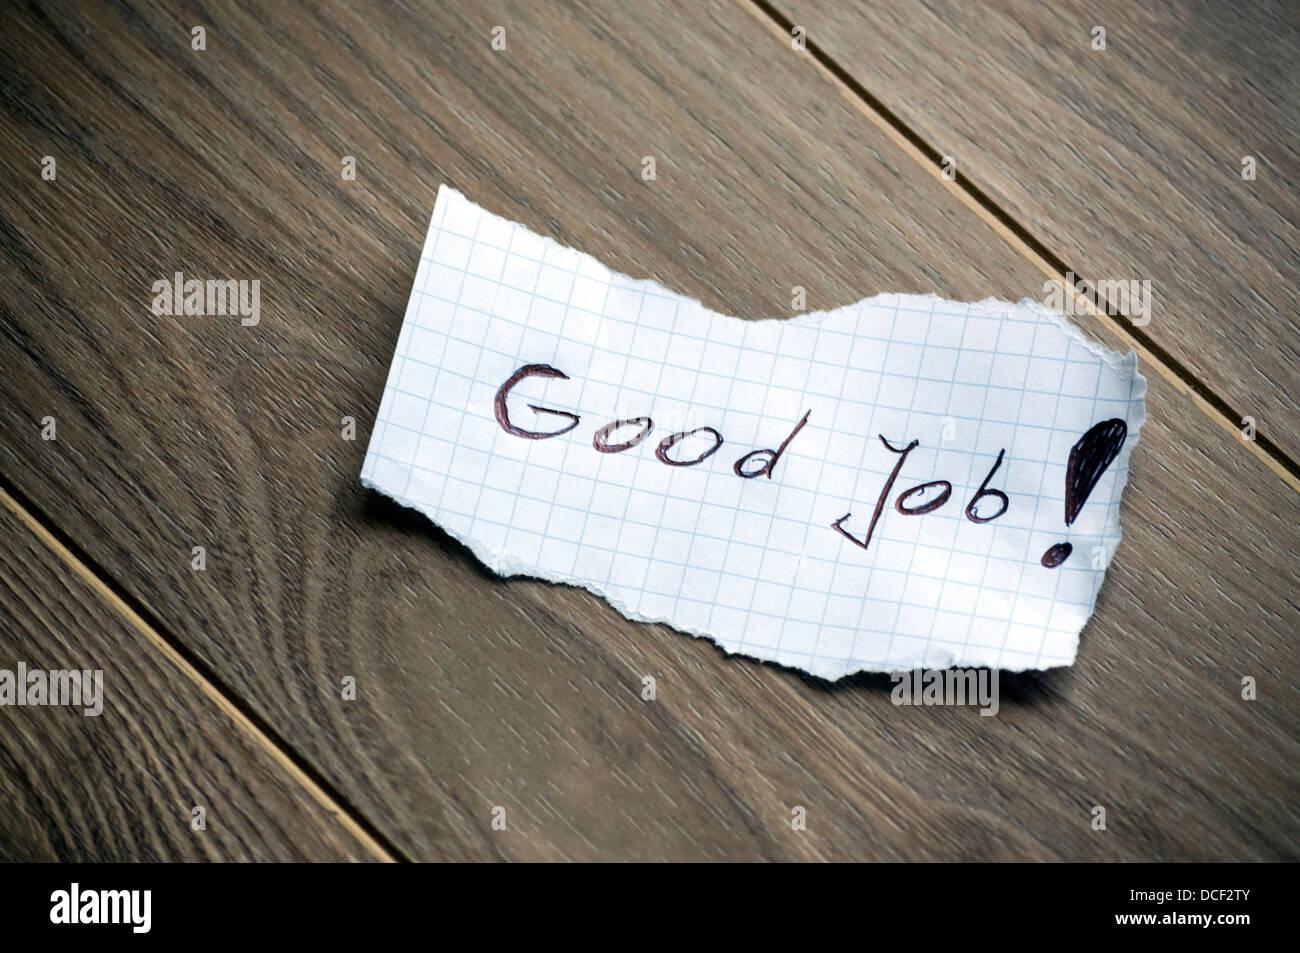 Gute Arbeit - Hand schreiben Text auf Holz Hintergrund Stockbild